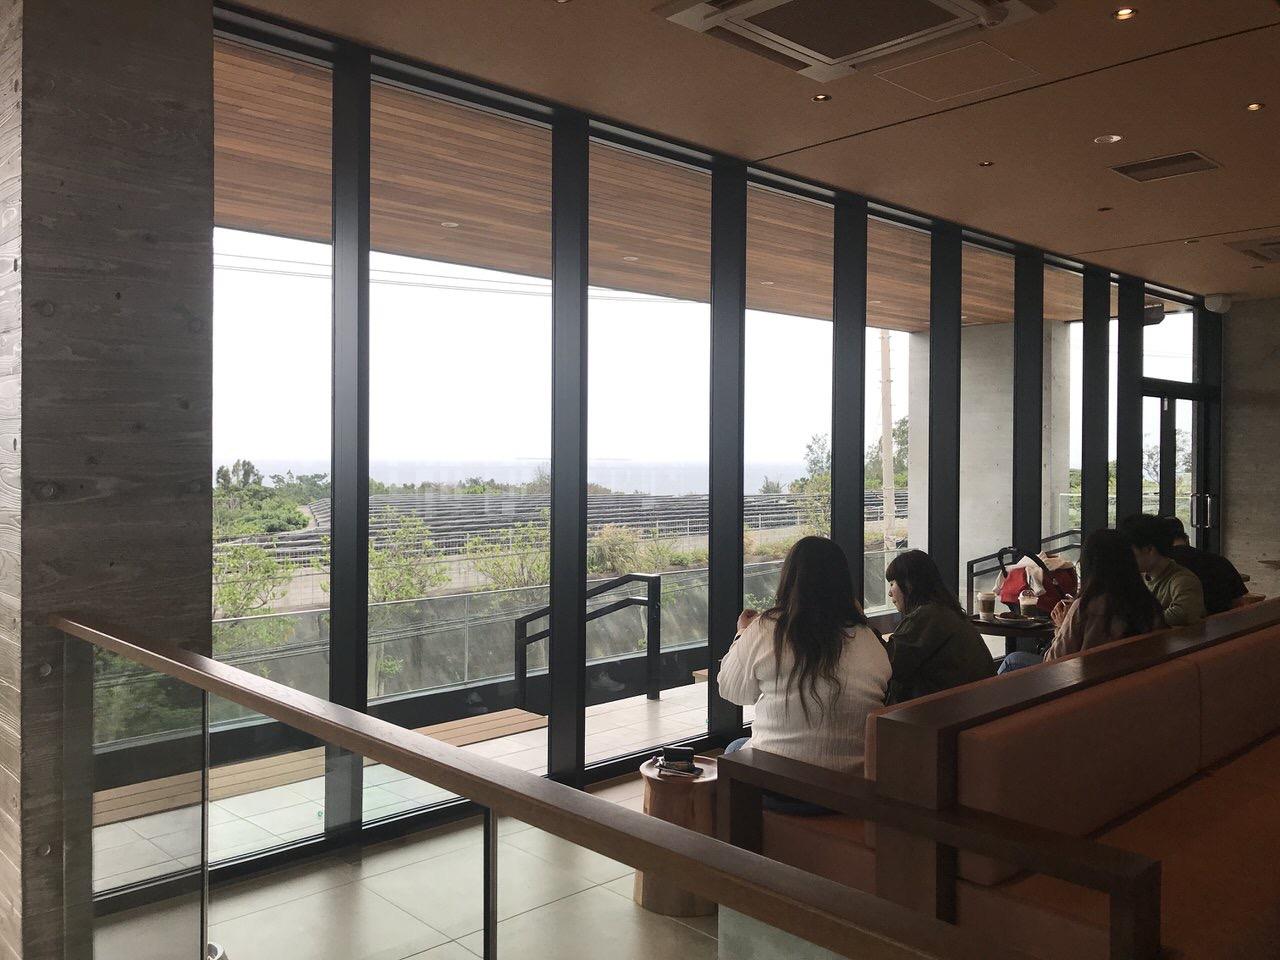 スターバックス 沖縄本部町店 2階 オーシャンビュー 2